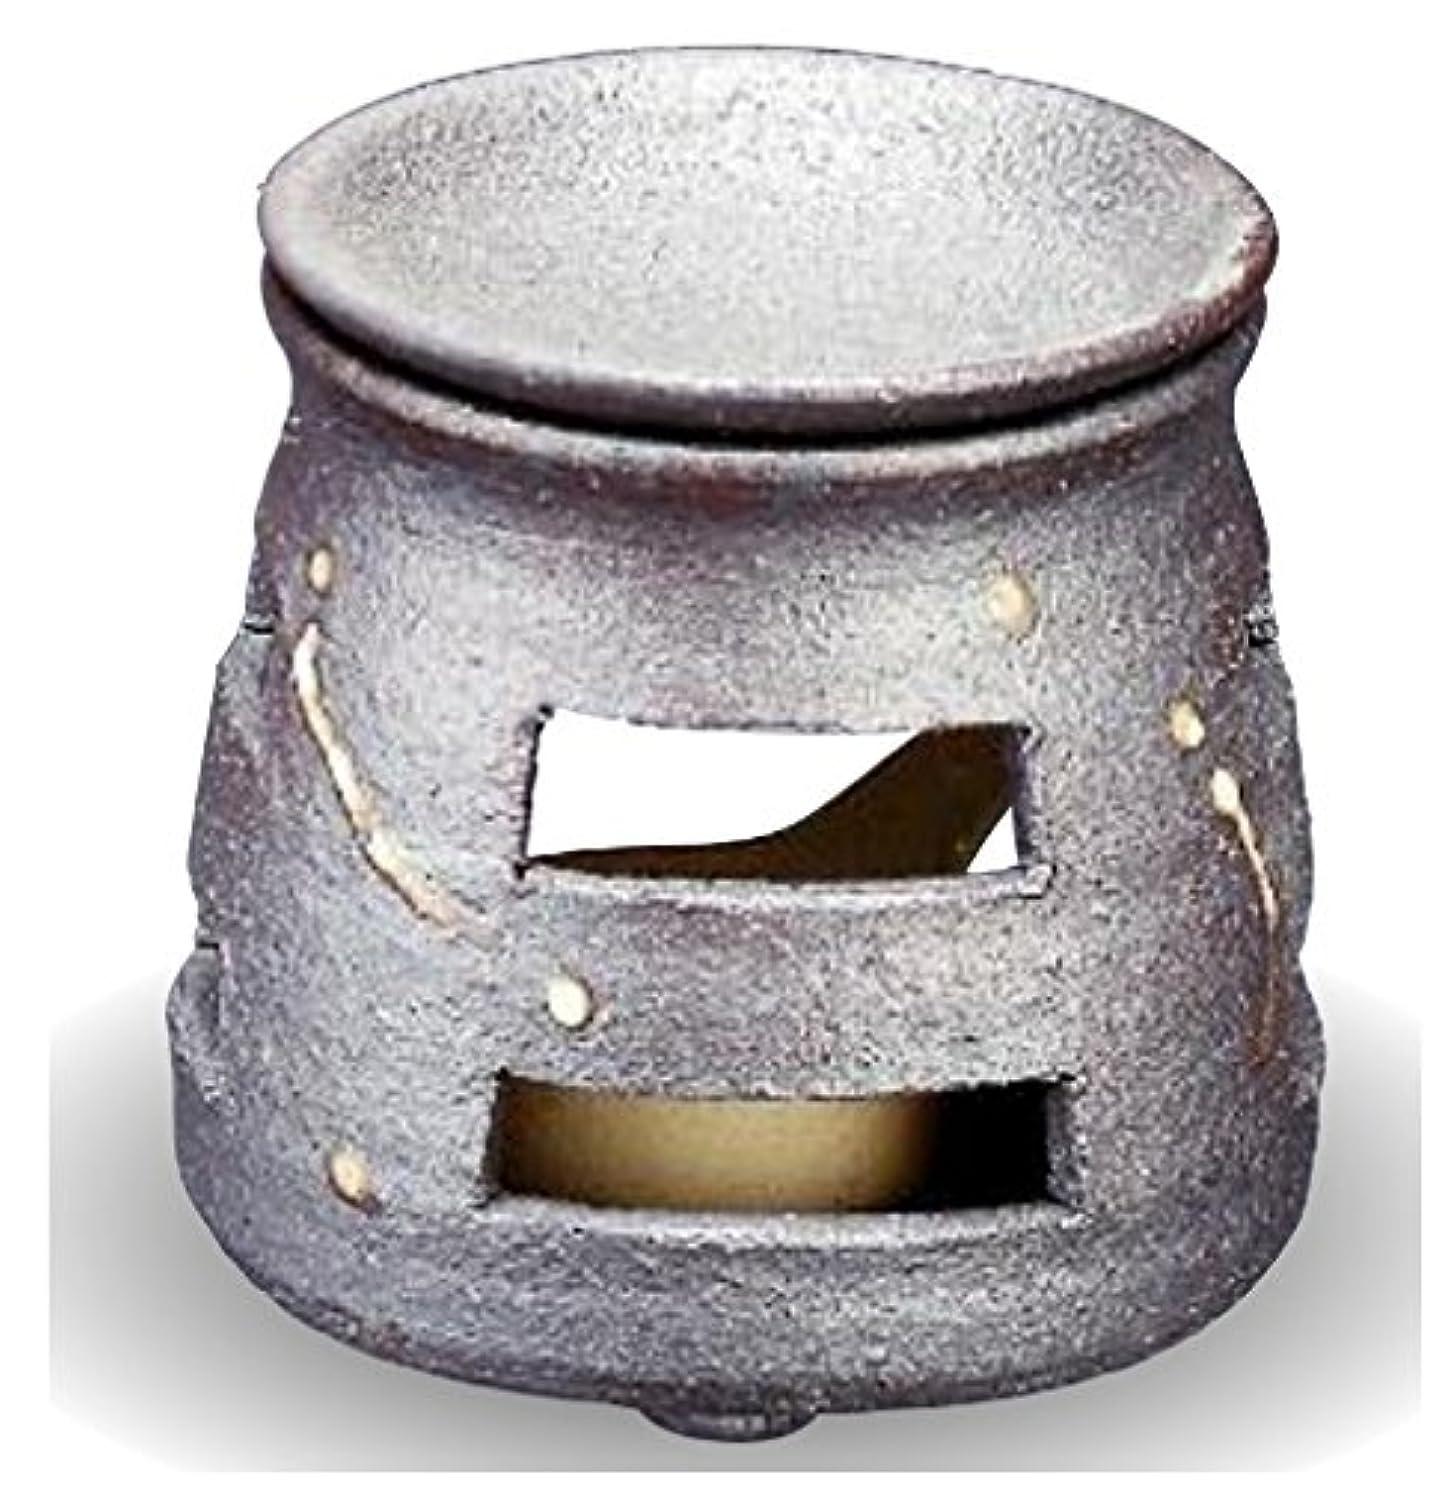 気難しい鉄道駅佐賀常滑焼 茶香炉(アロマポット)径9×高さ10cm